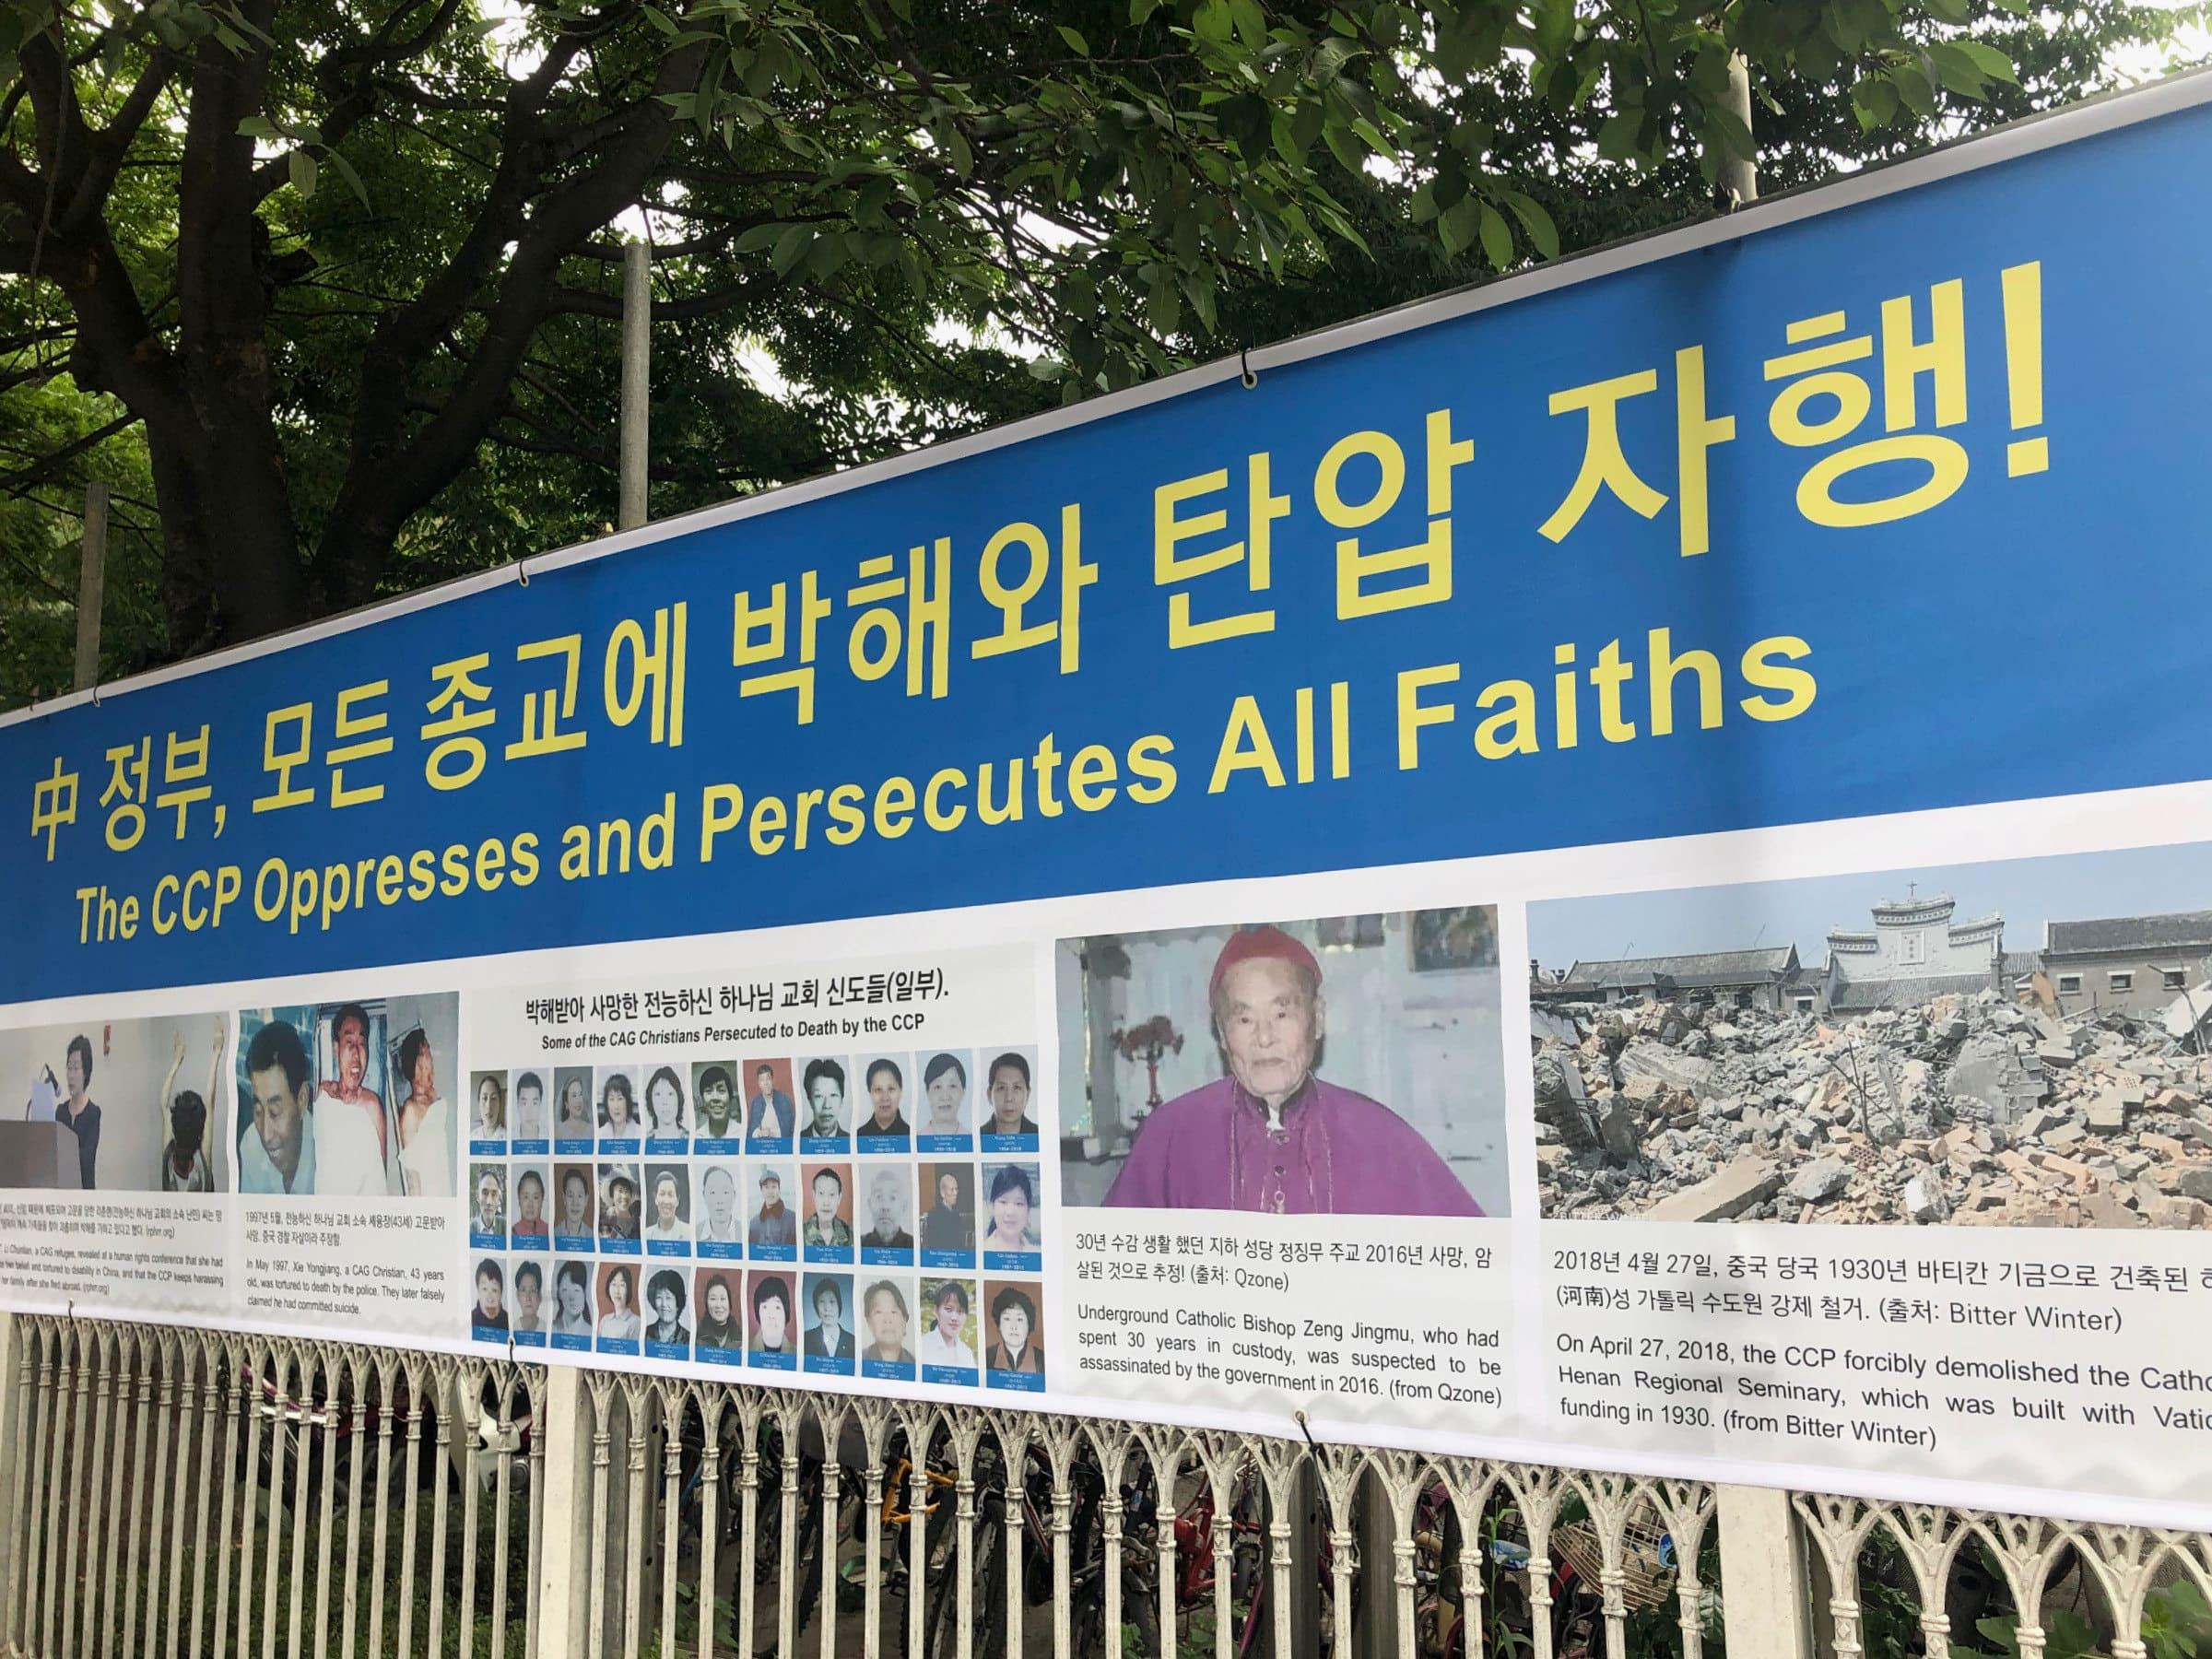 中共迫害所有宗教